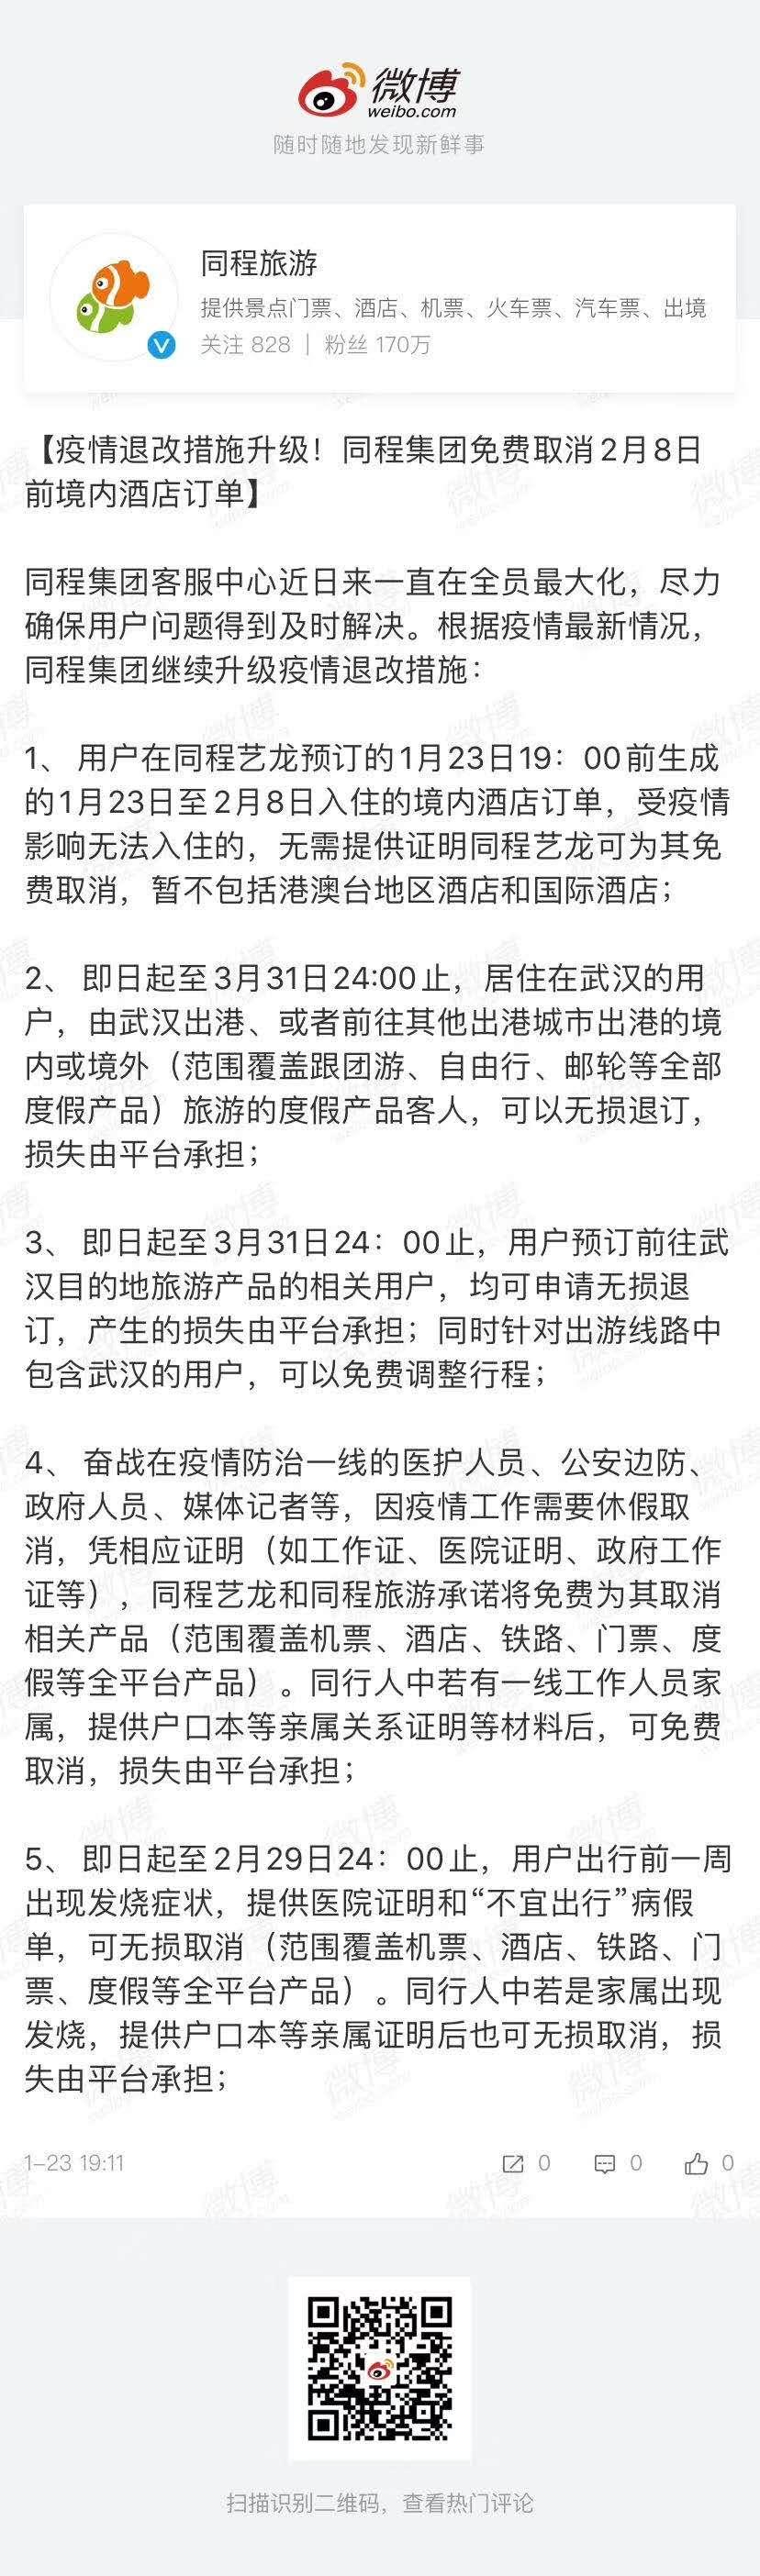 同程集团免费取消2月8日前境内酒店订单